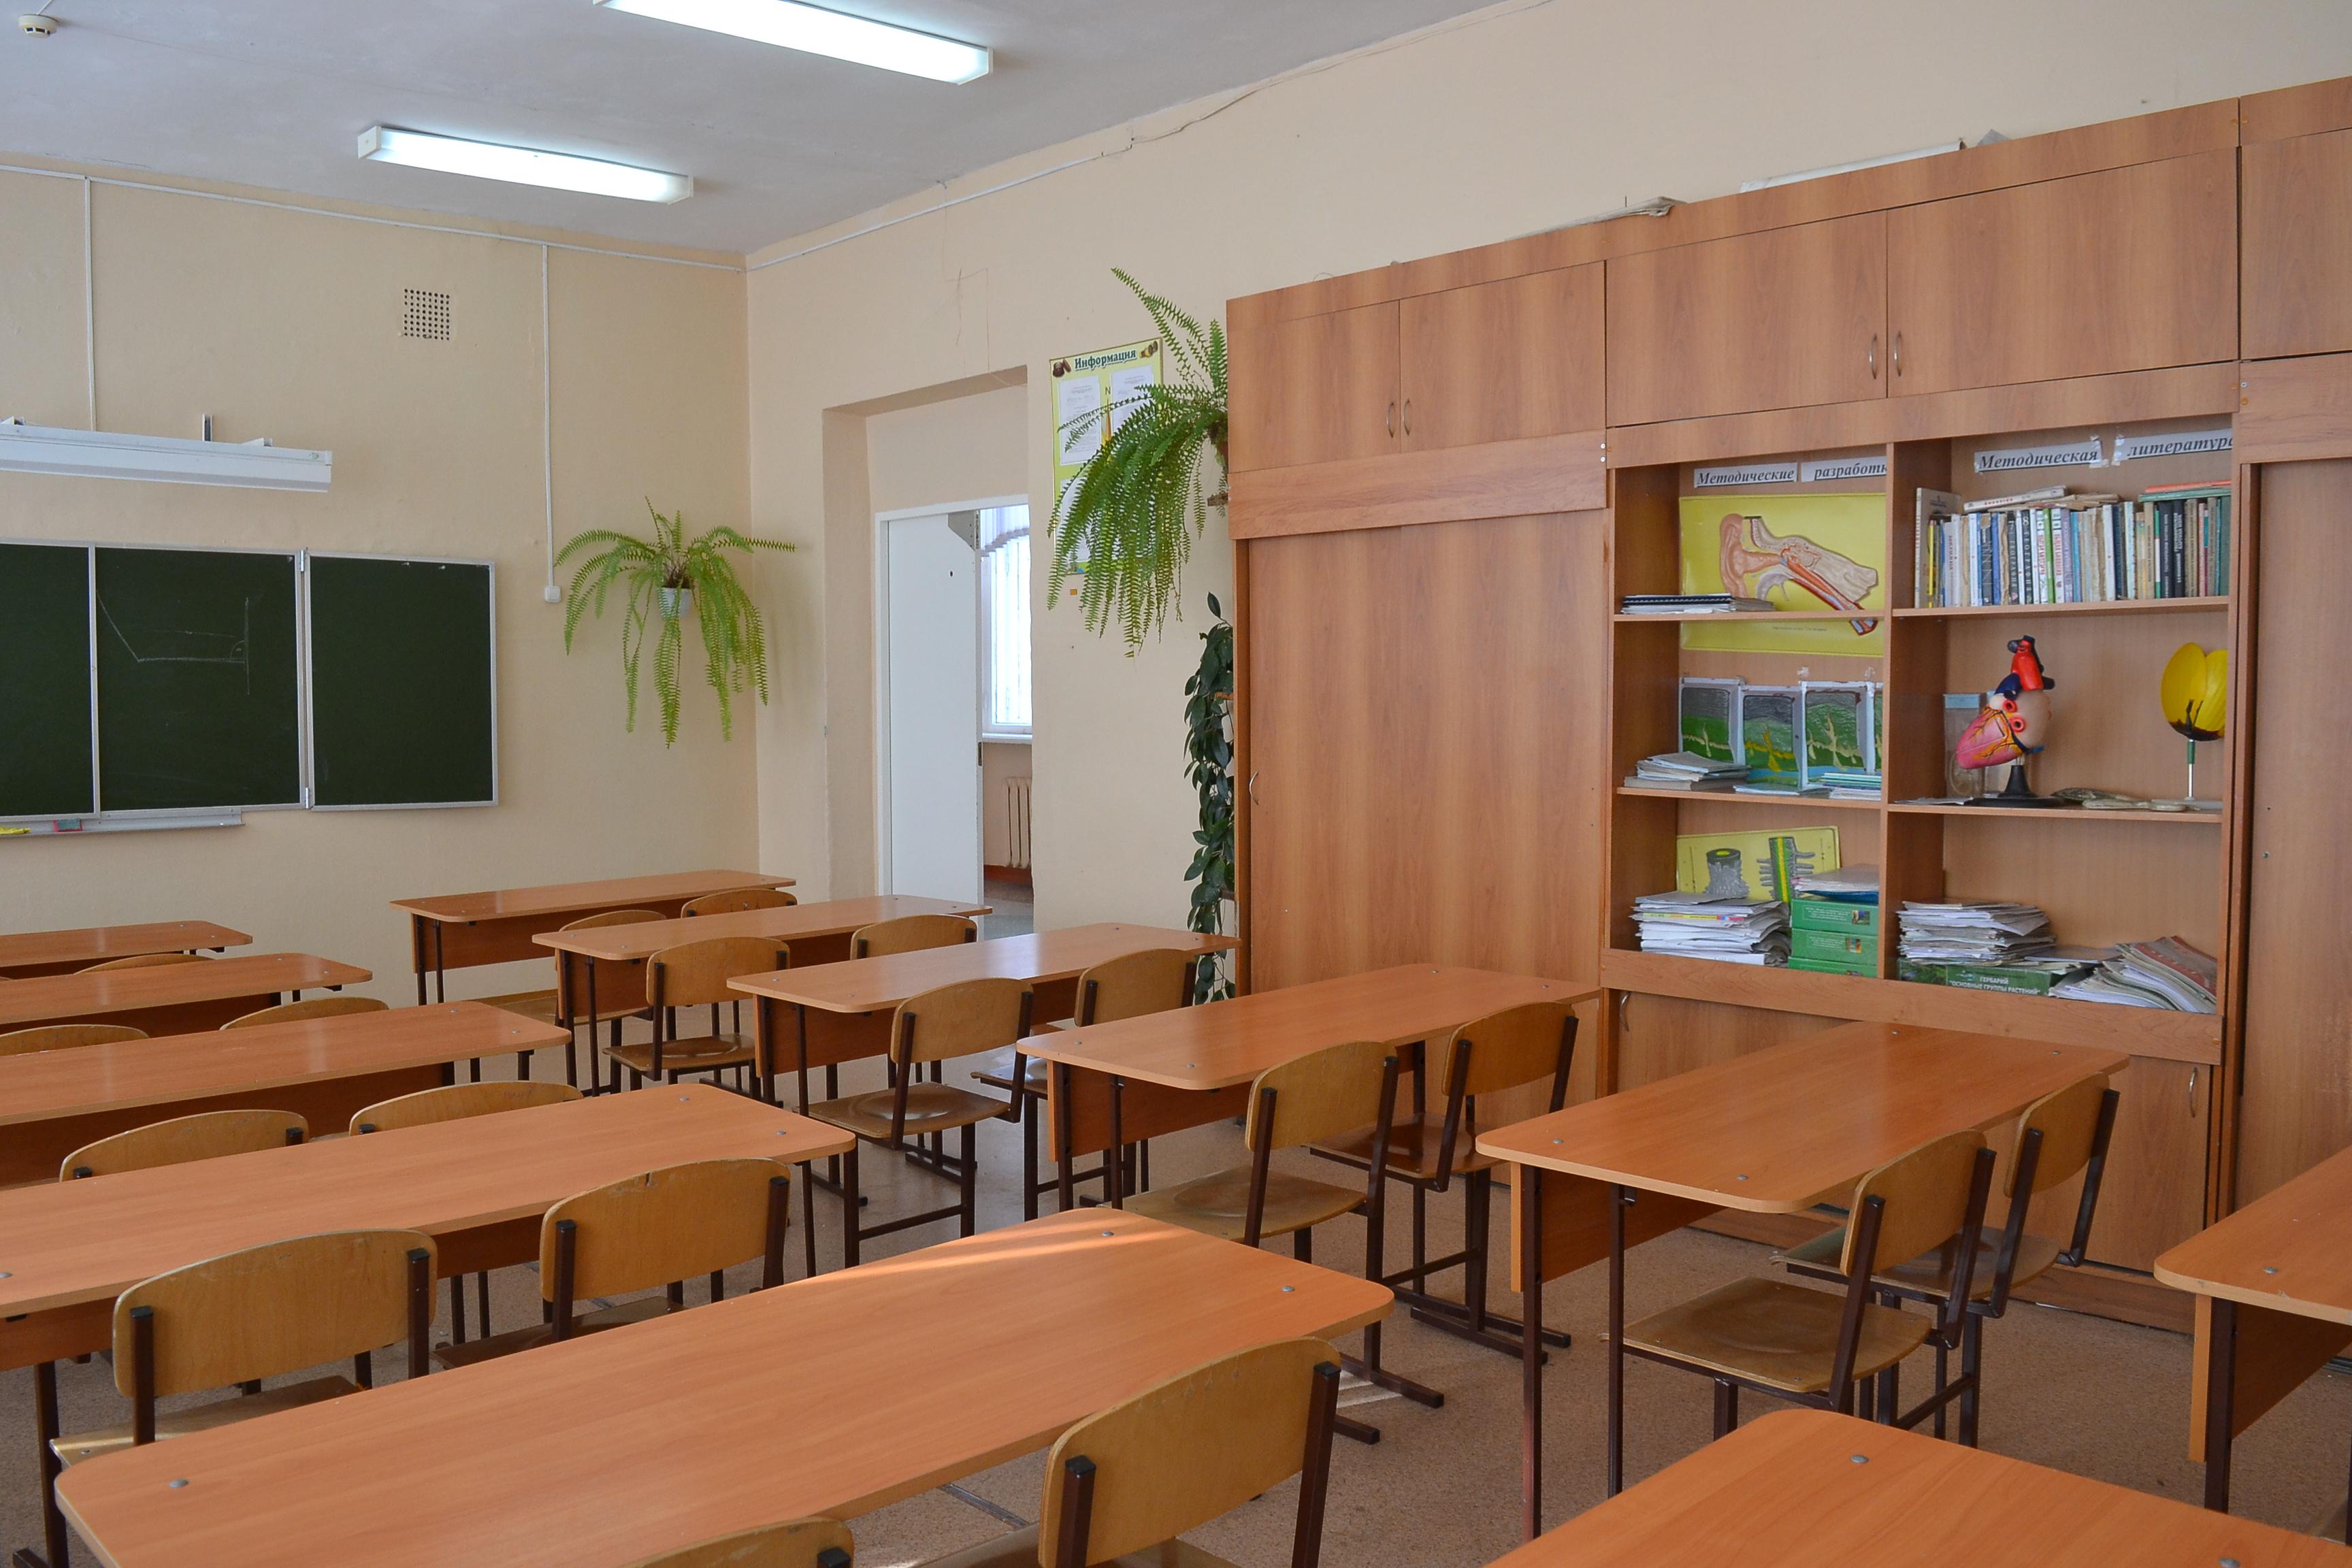 Кабинет № 26 - географии-биологии